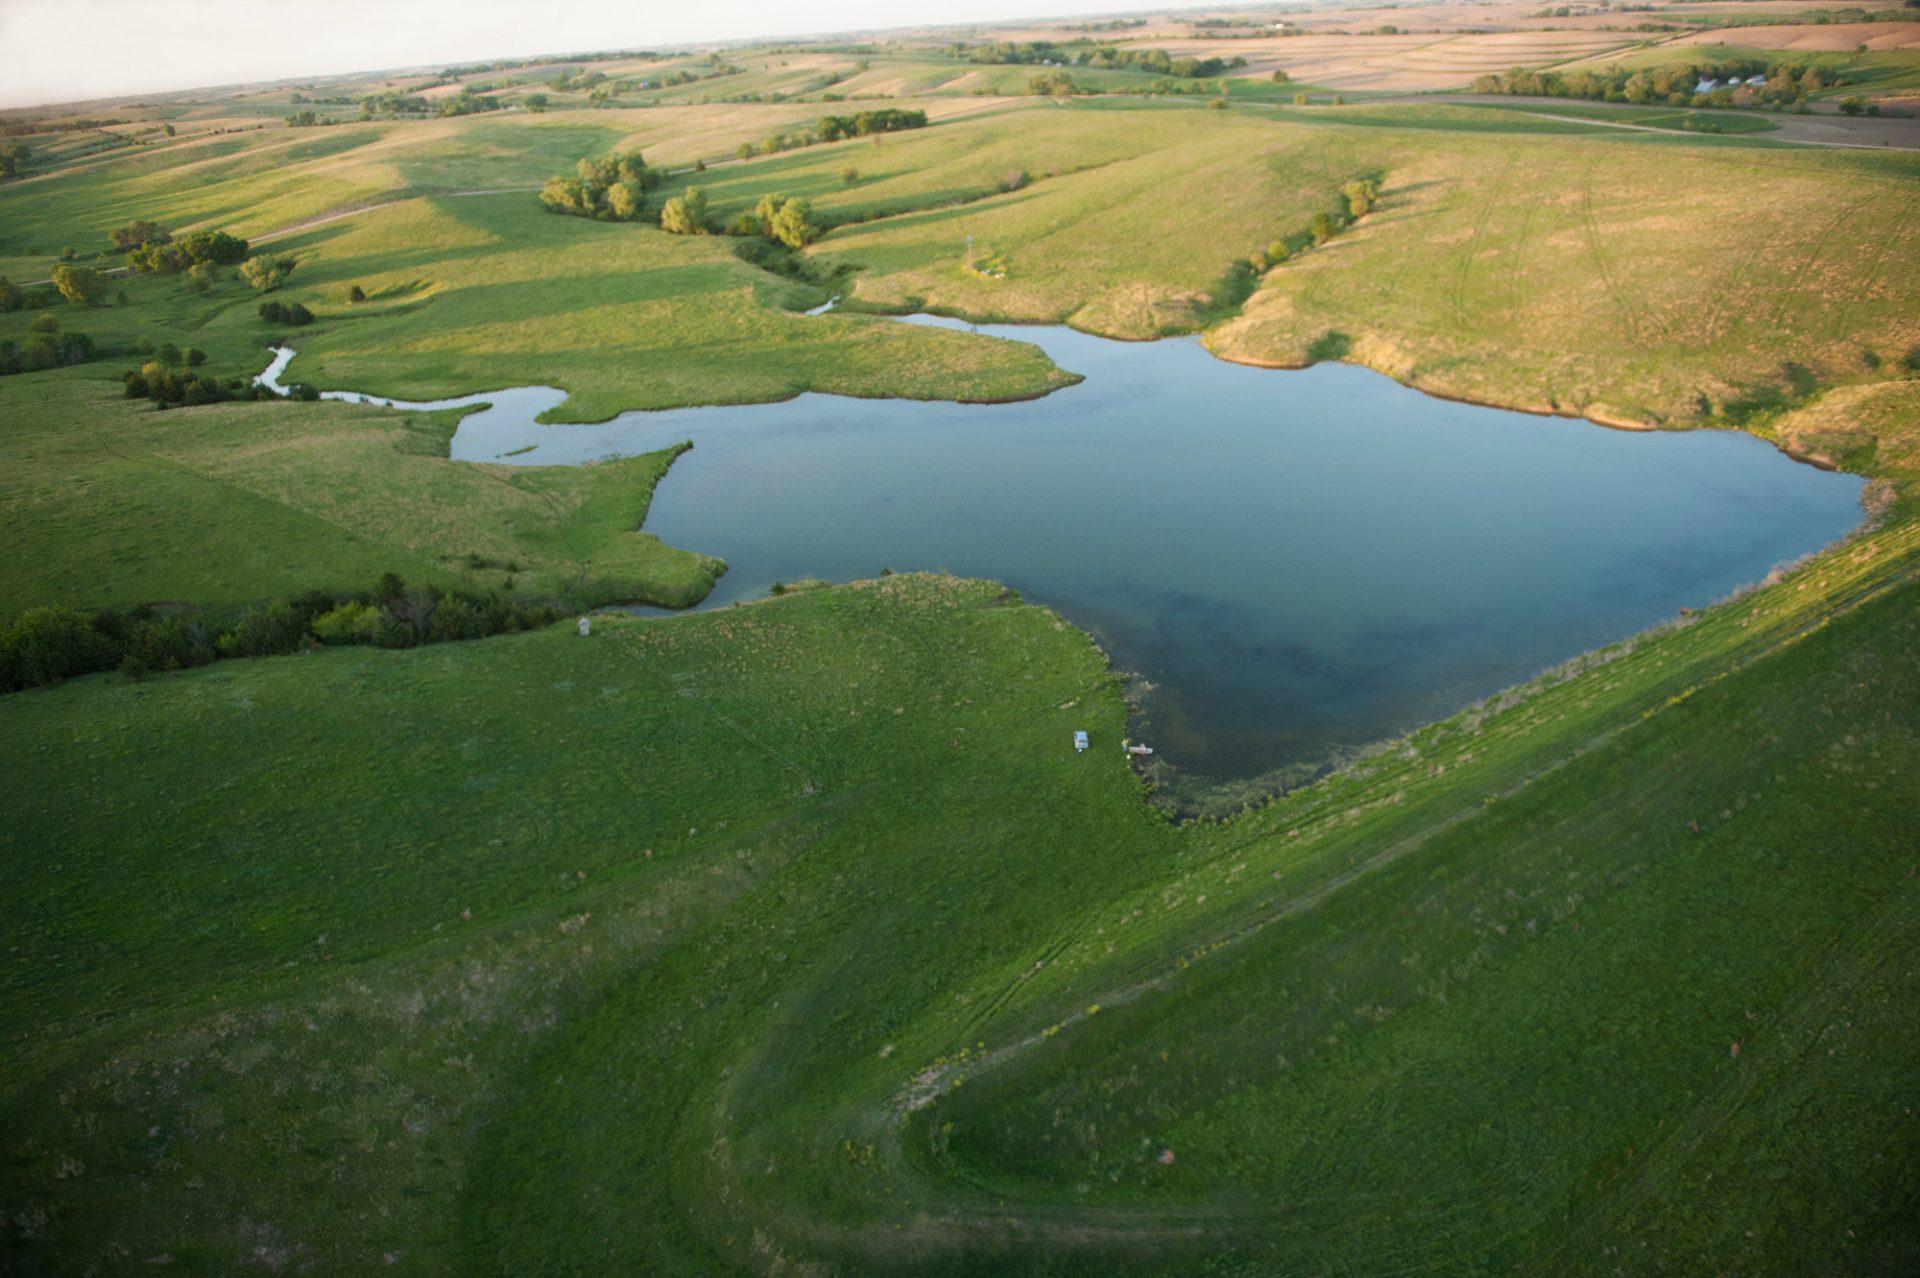 Photo: An aerial view of a pond in Valpraiso, Nebraska.